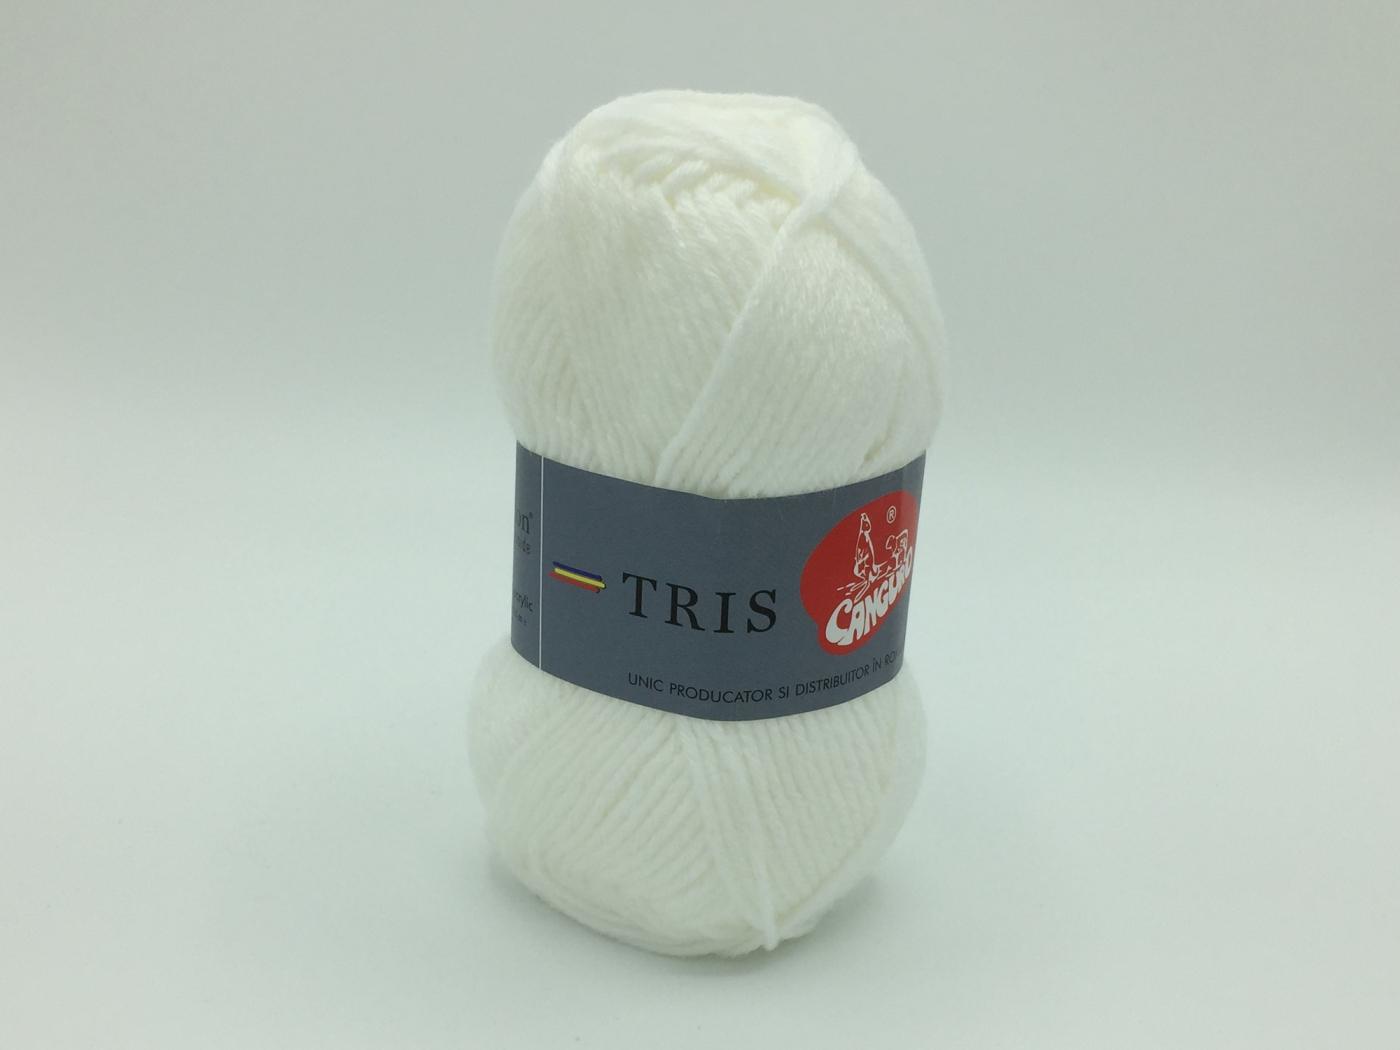 Fire tricotat Tris - Alb - Canguro